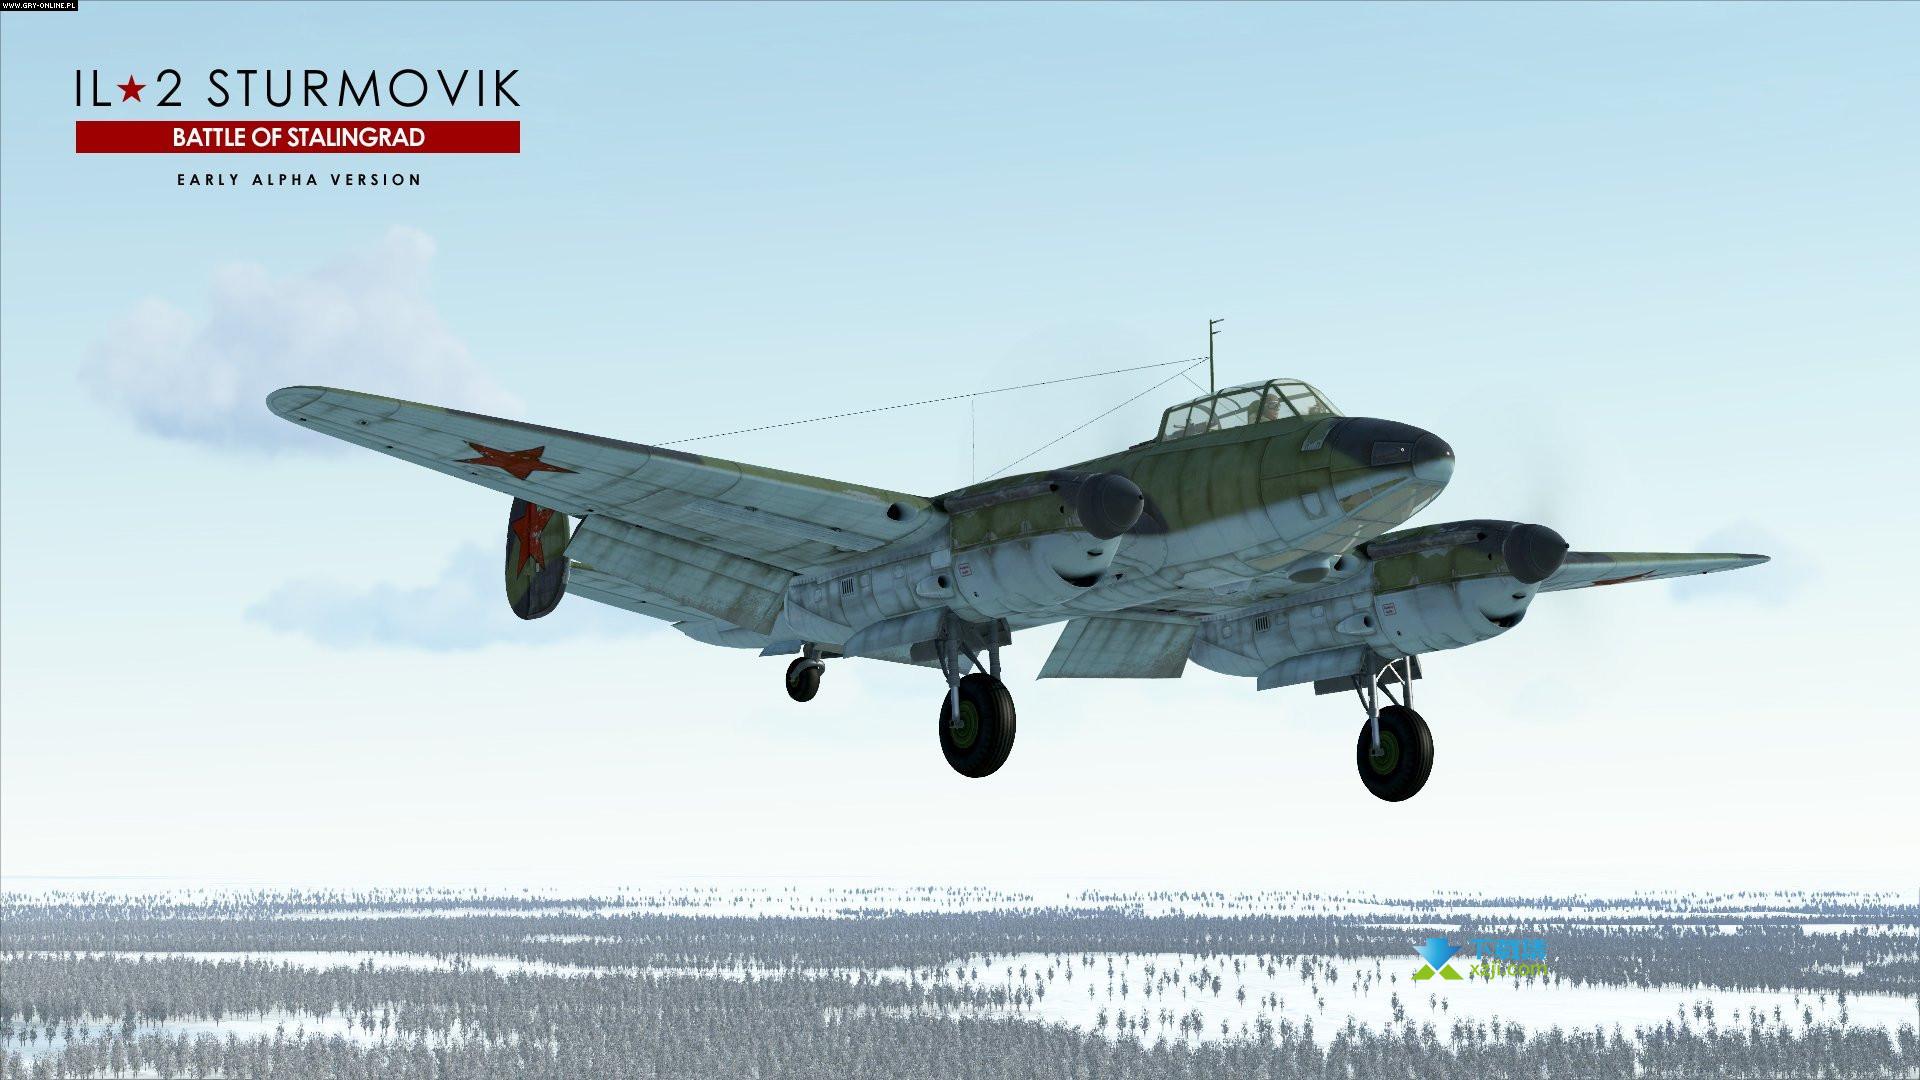 捍卫雄鹰IL-2斯大林格勒战役界面4